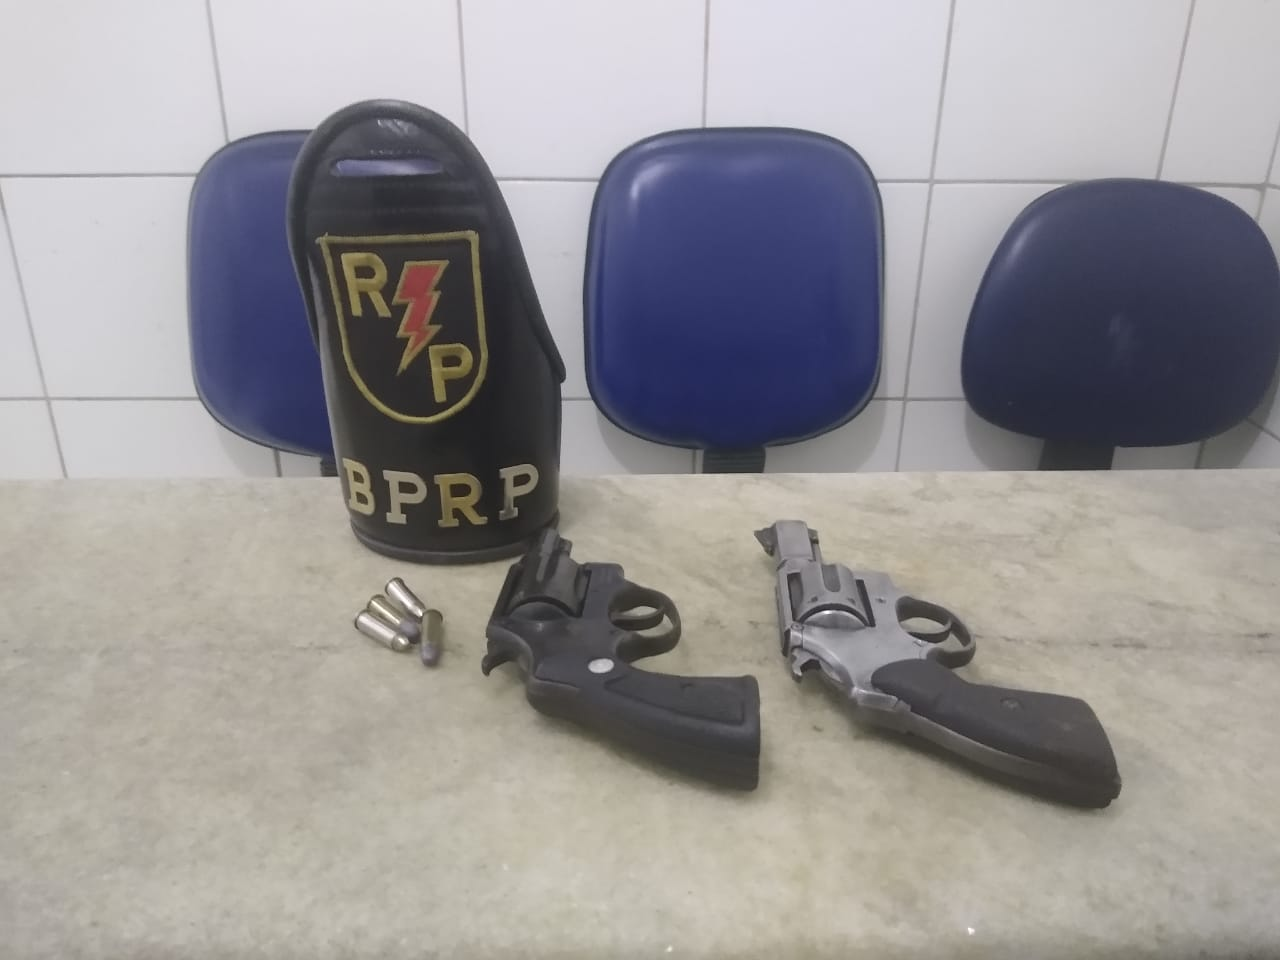 Armas foram encontradas após dupla fugir no bairro Mutange.